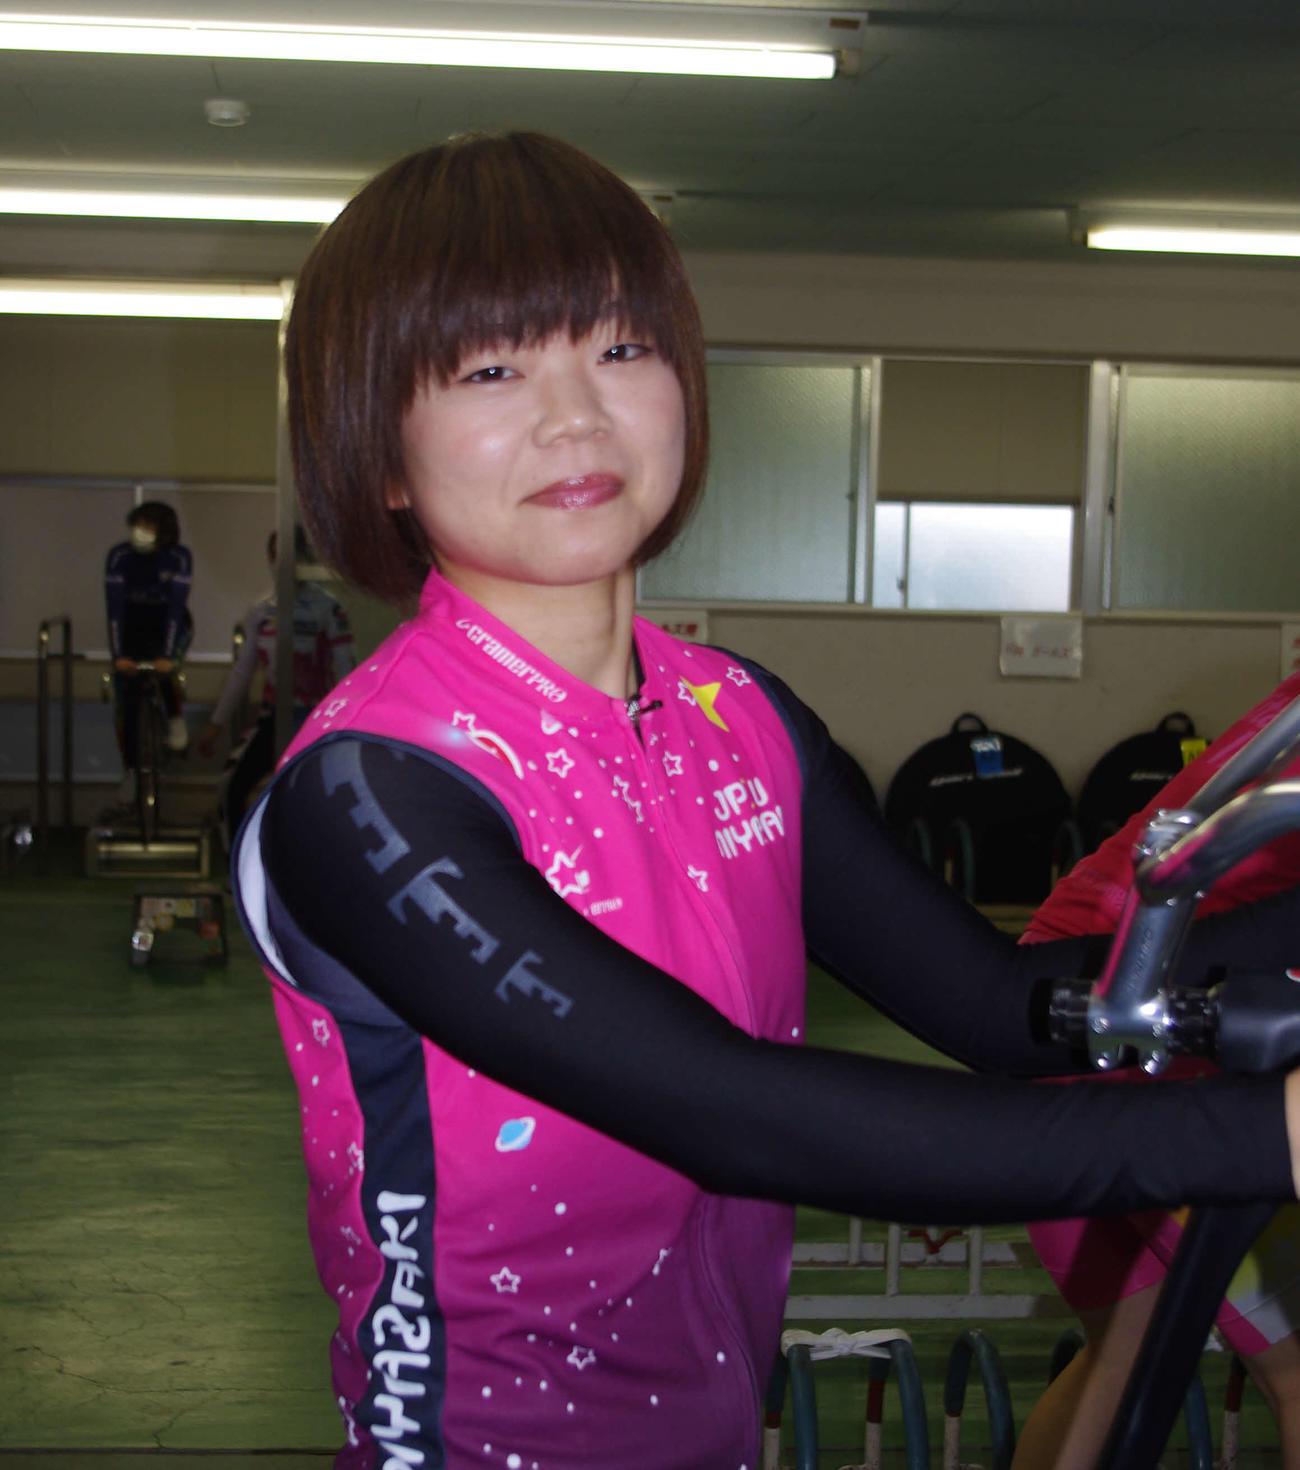 那須萌美がしぶとく運んで尾崎睦の2着をキープ!?